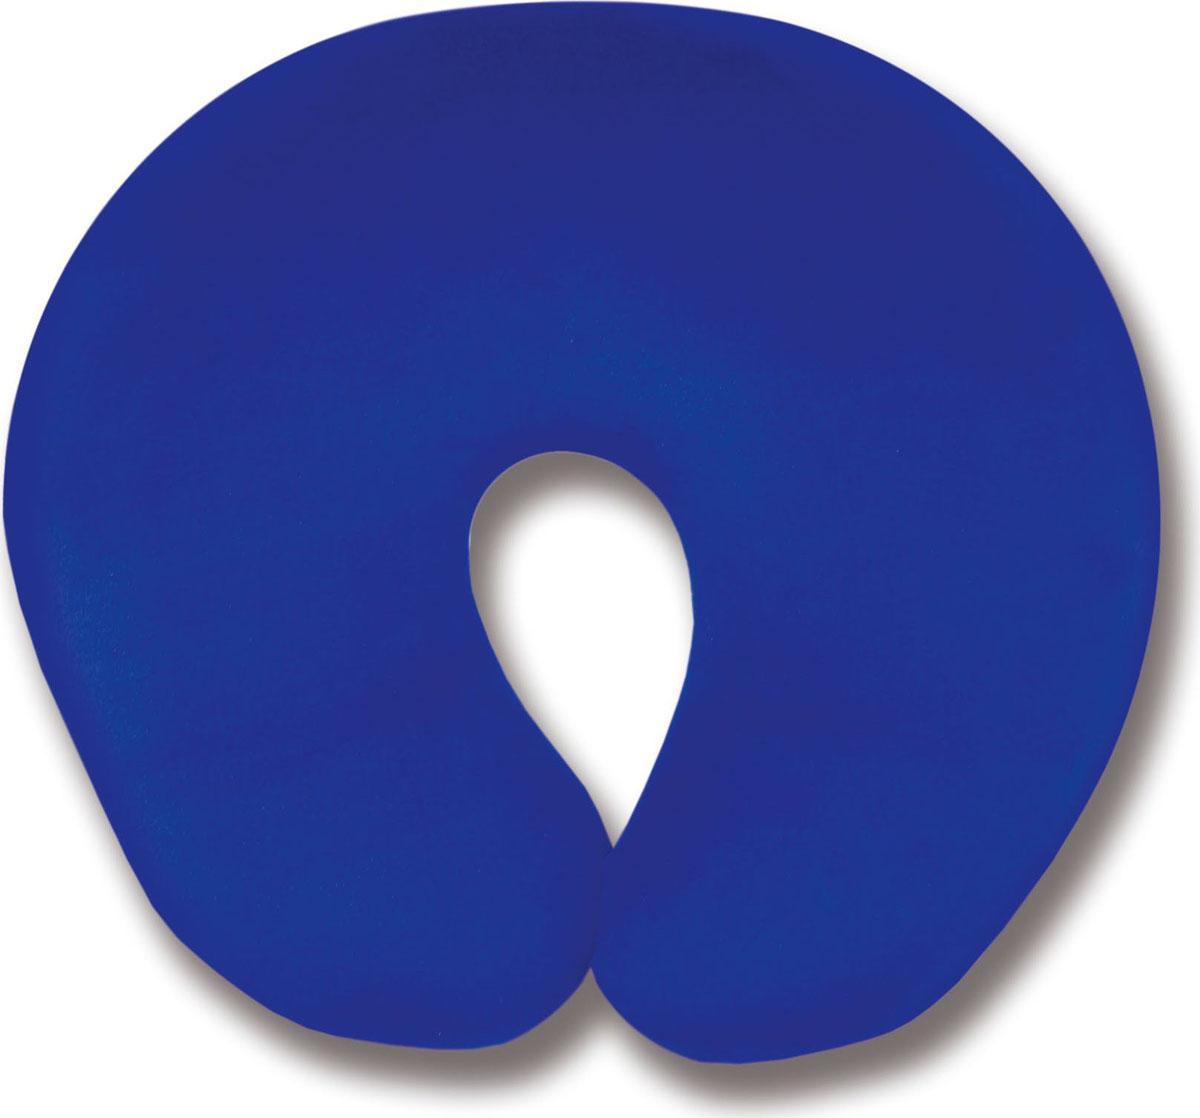 Подушка для шеи Штучки, к которым тянутся ручкиТурист, цвет: синий, 30 х 27 см подушка антистрессовая штучки к которым тянутся ручки ассорти цвет сиреневый 30 х 27 см